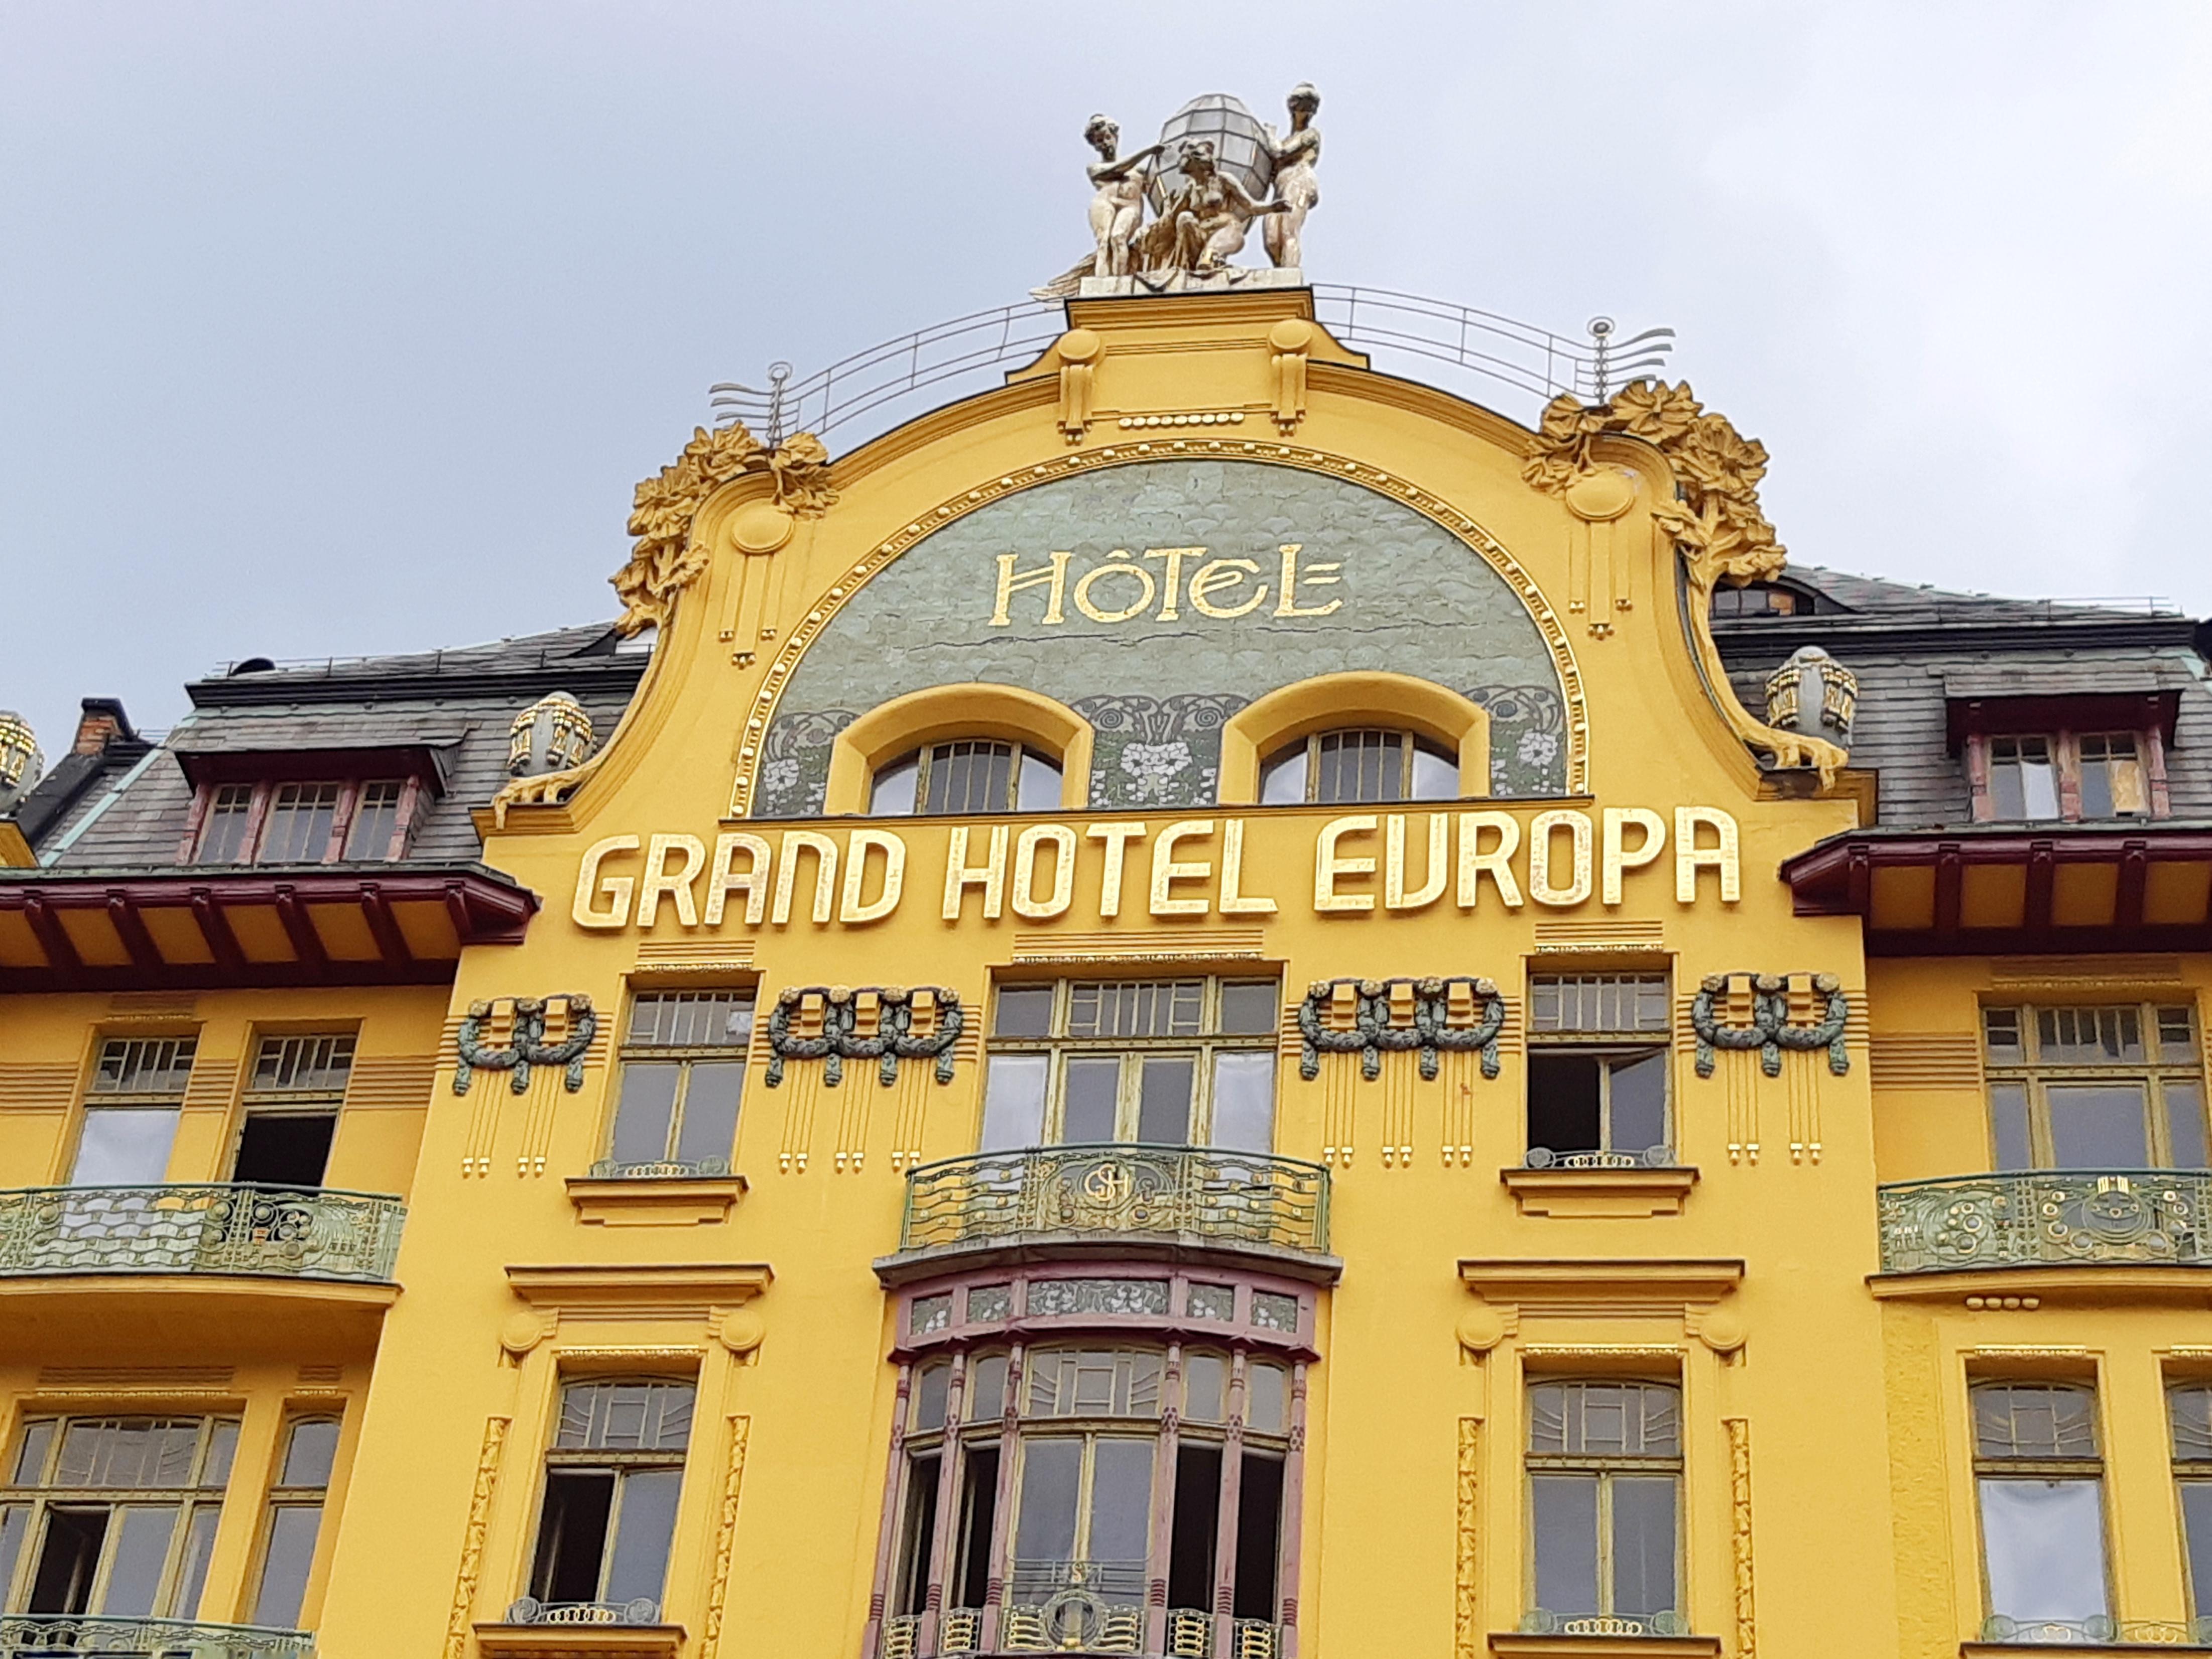 Grand Hotel Europa - Praga.jpeg